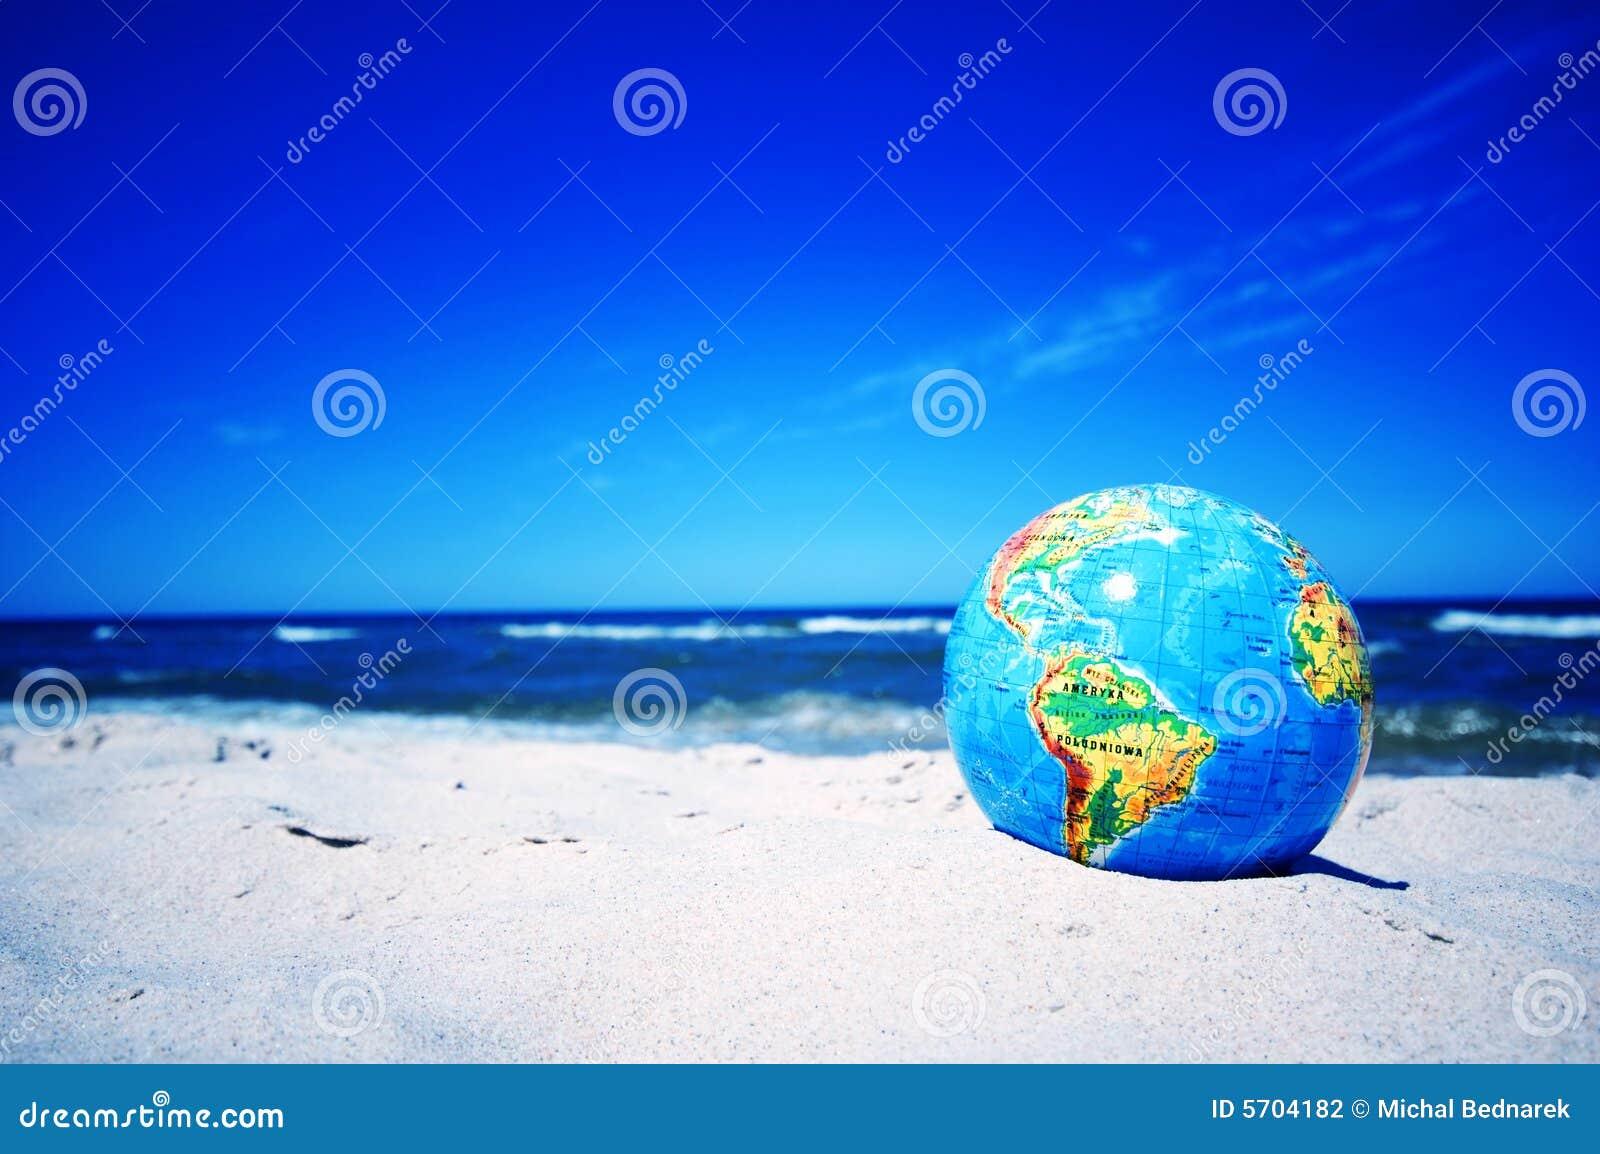 Globo de la tierra. Imagen conceptual